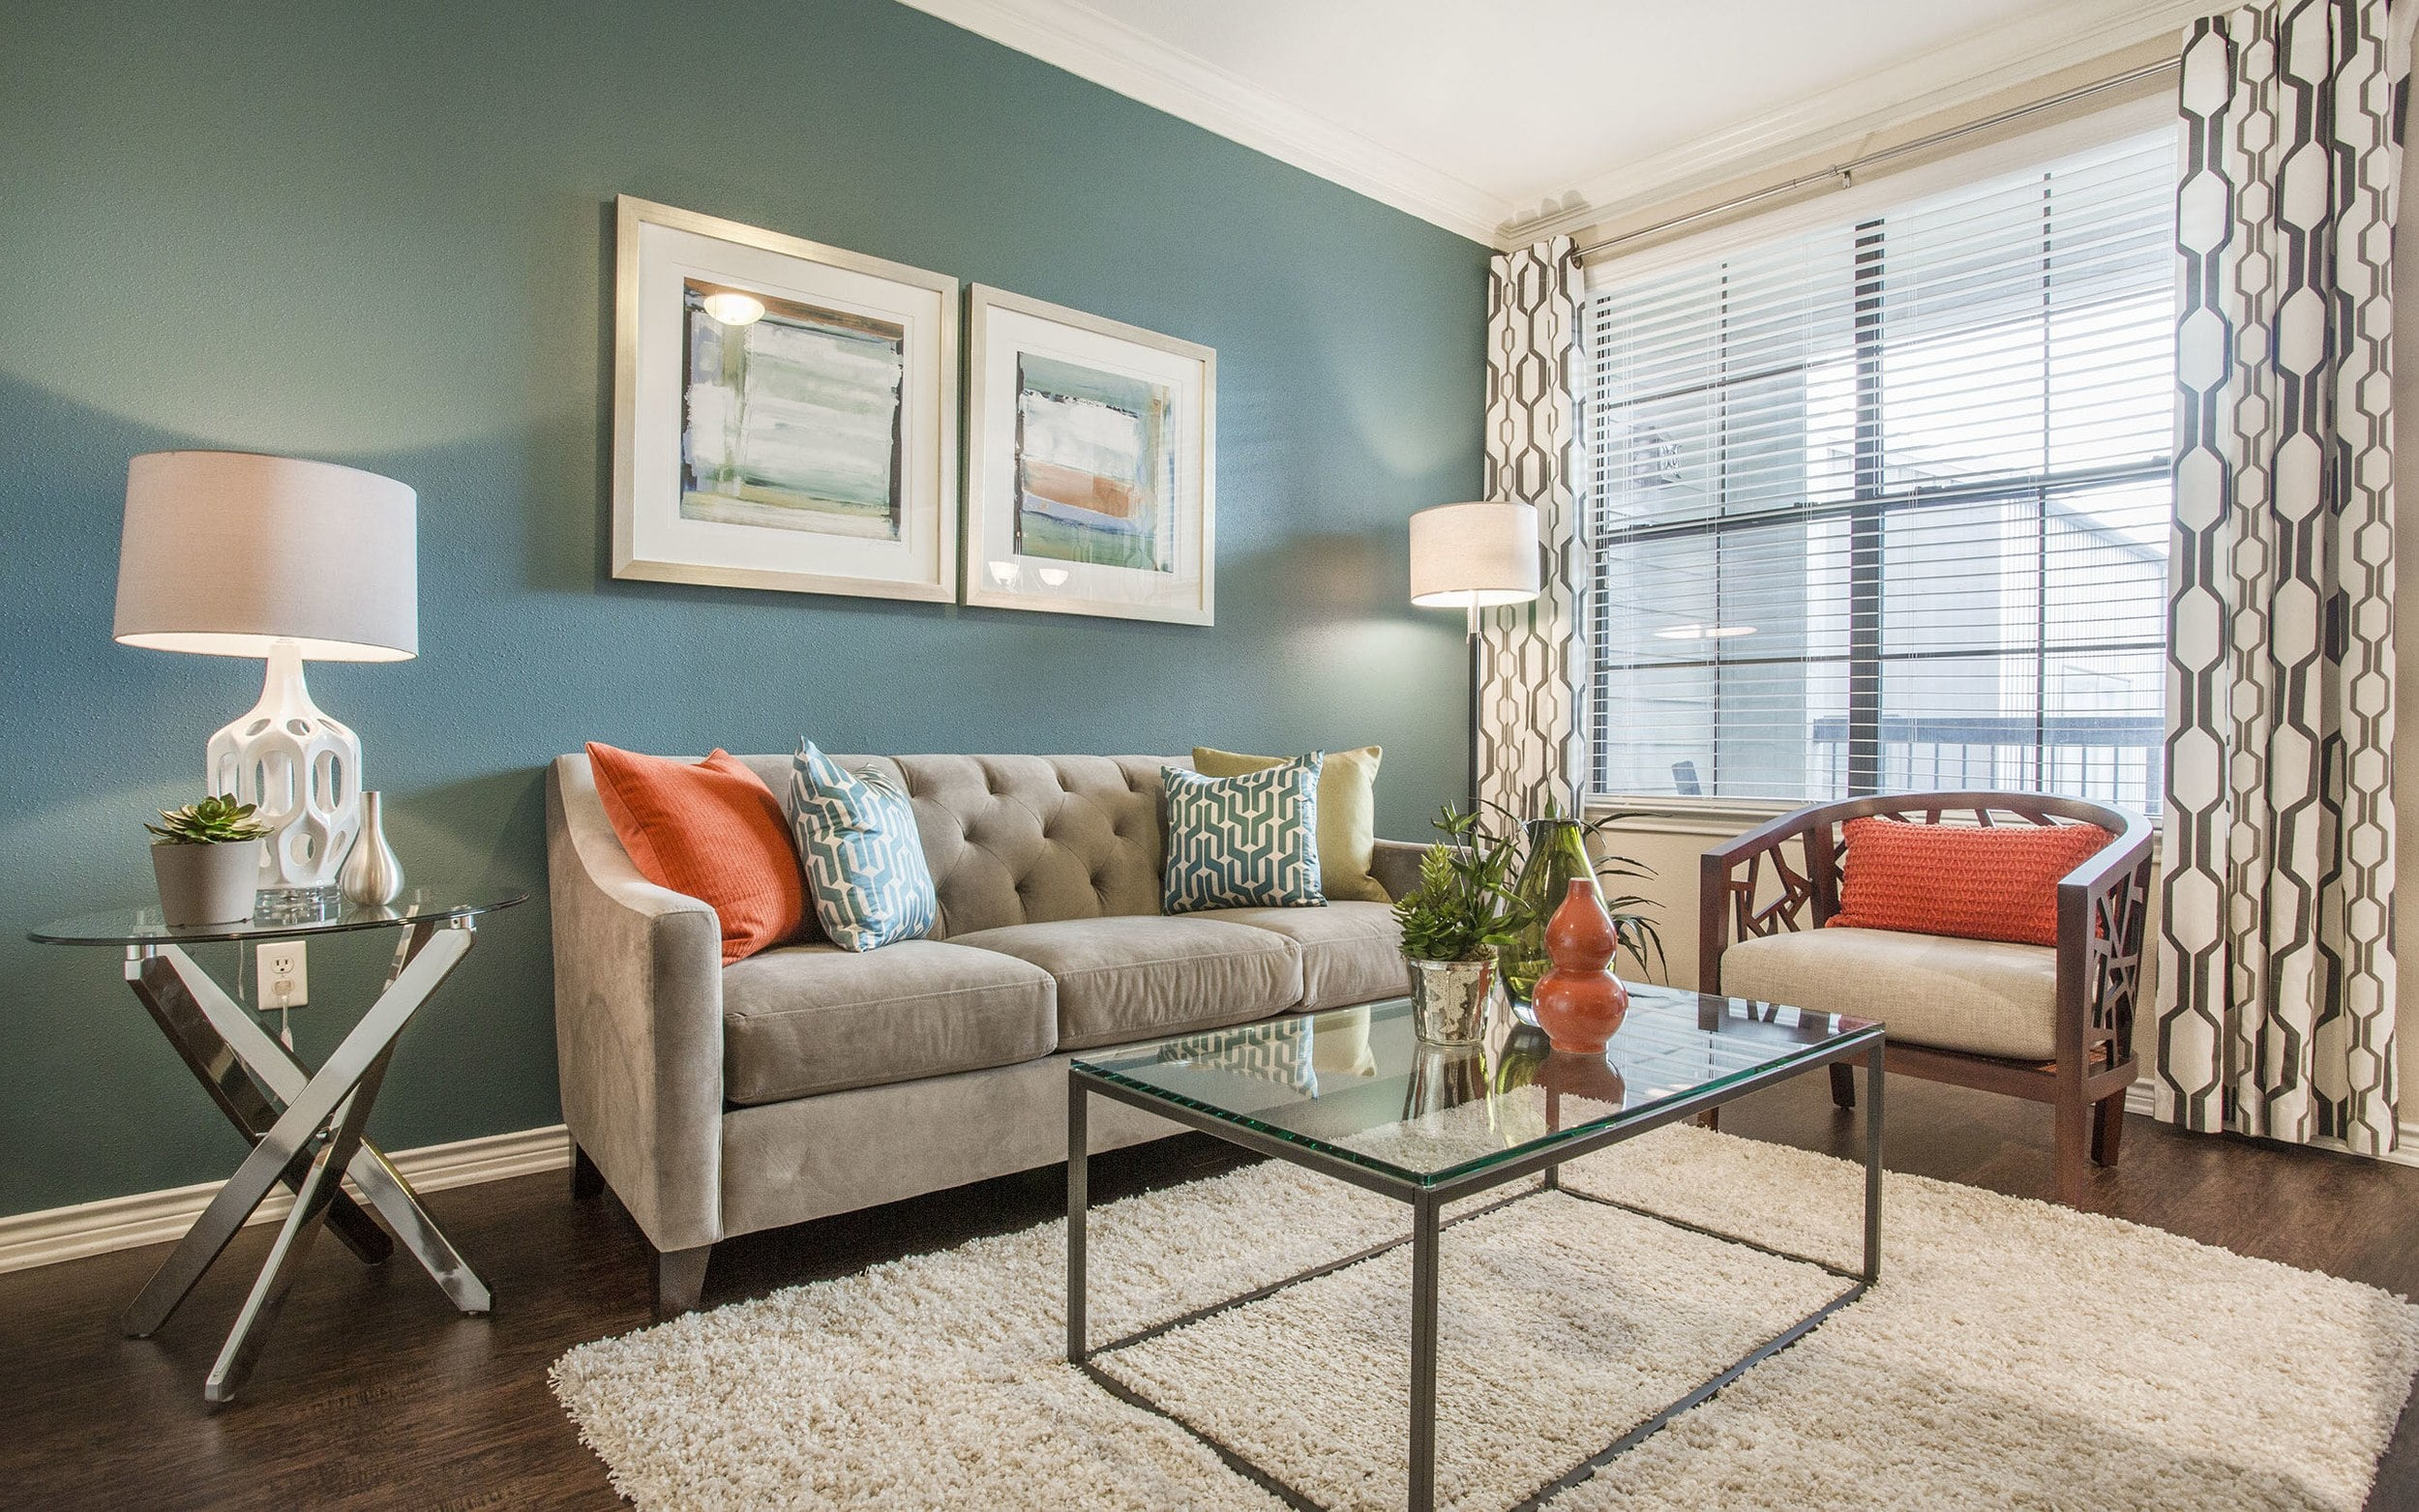 Living Room at Verdir at Hermann Park in Houston, Texas